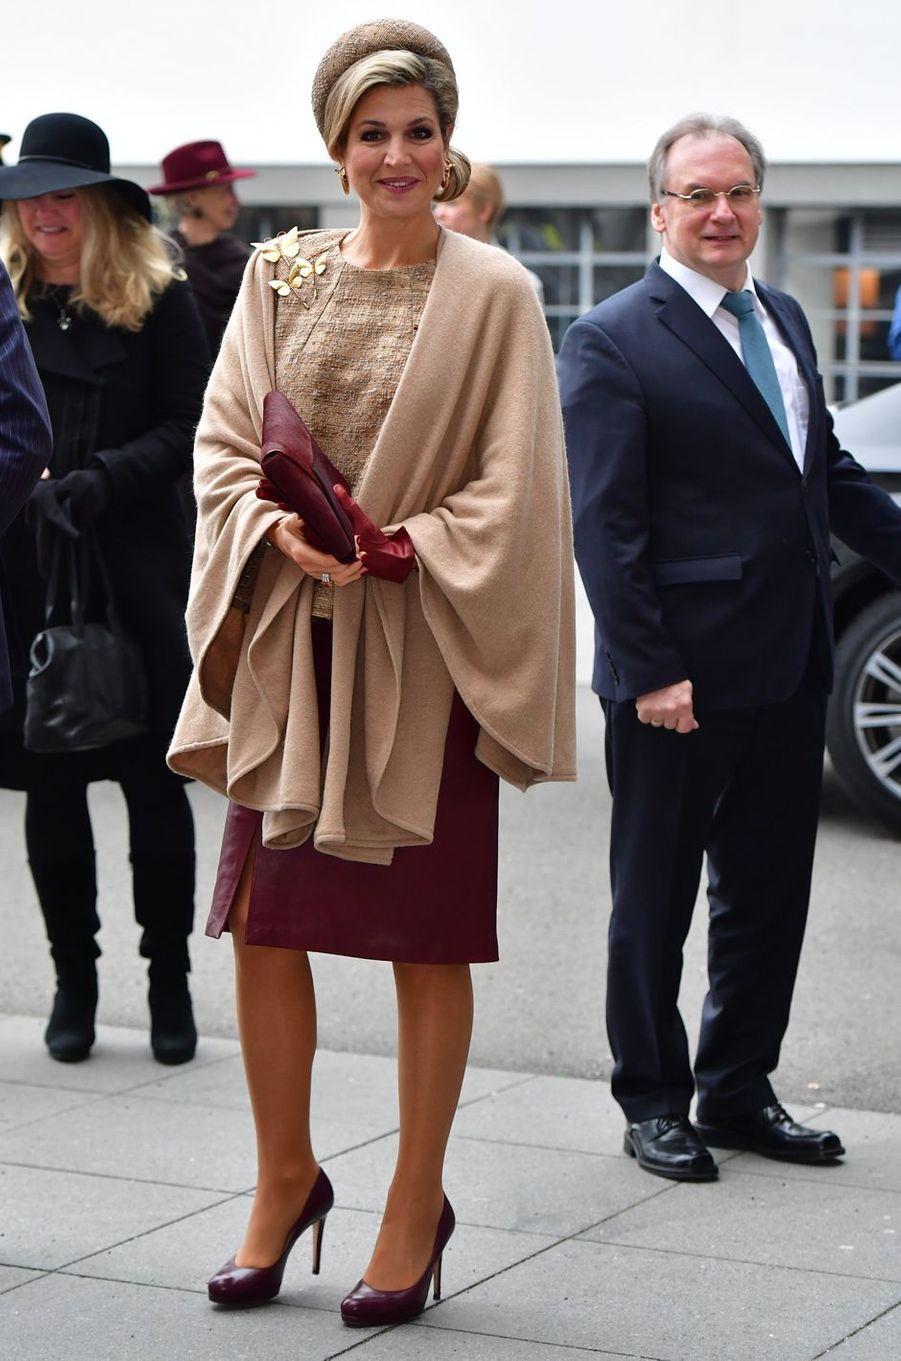 La reine Maxima des Pays-Bas dans une jupe en cuir Natan en Allemagne le 10 février 2017